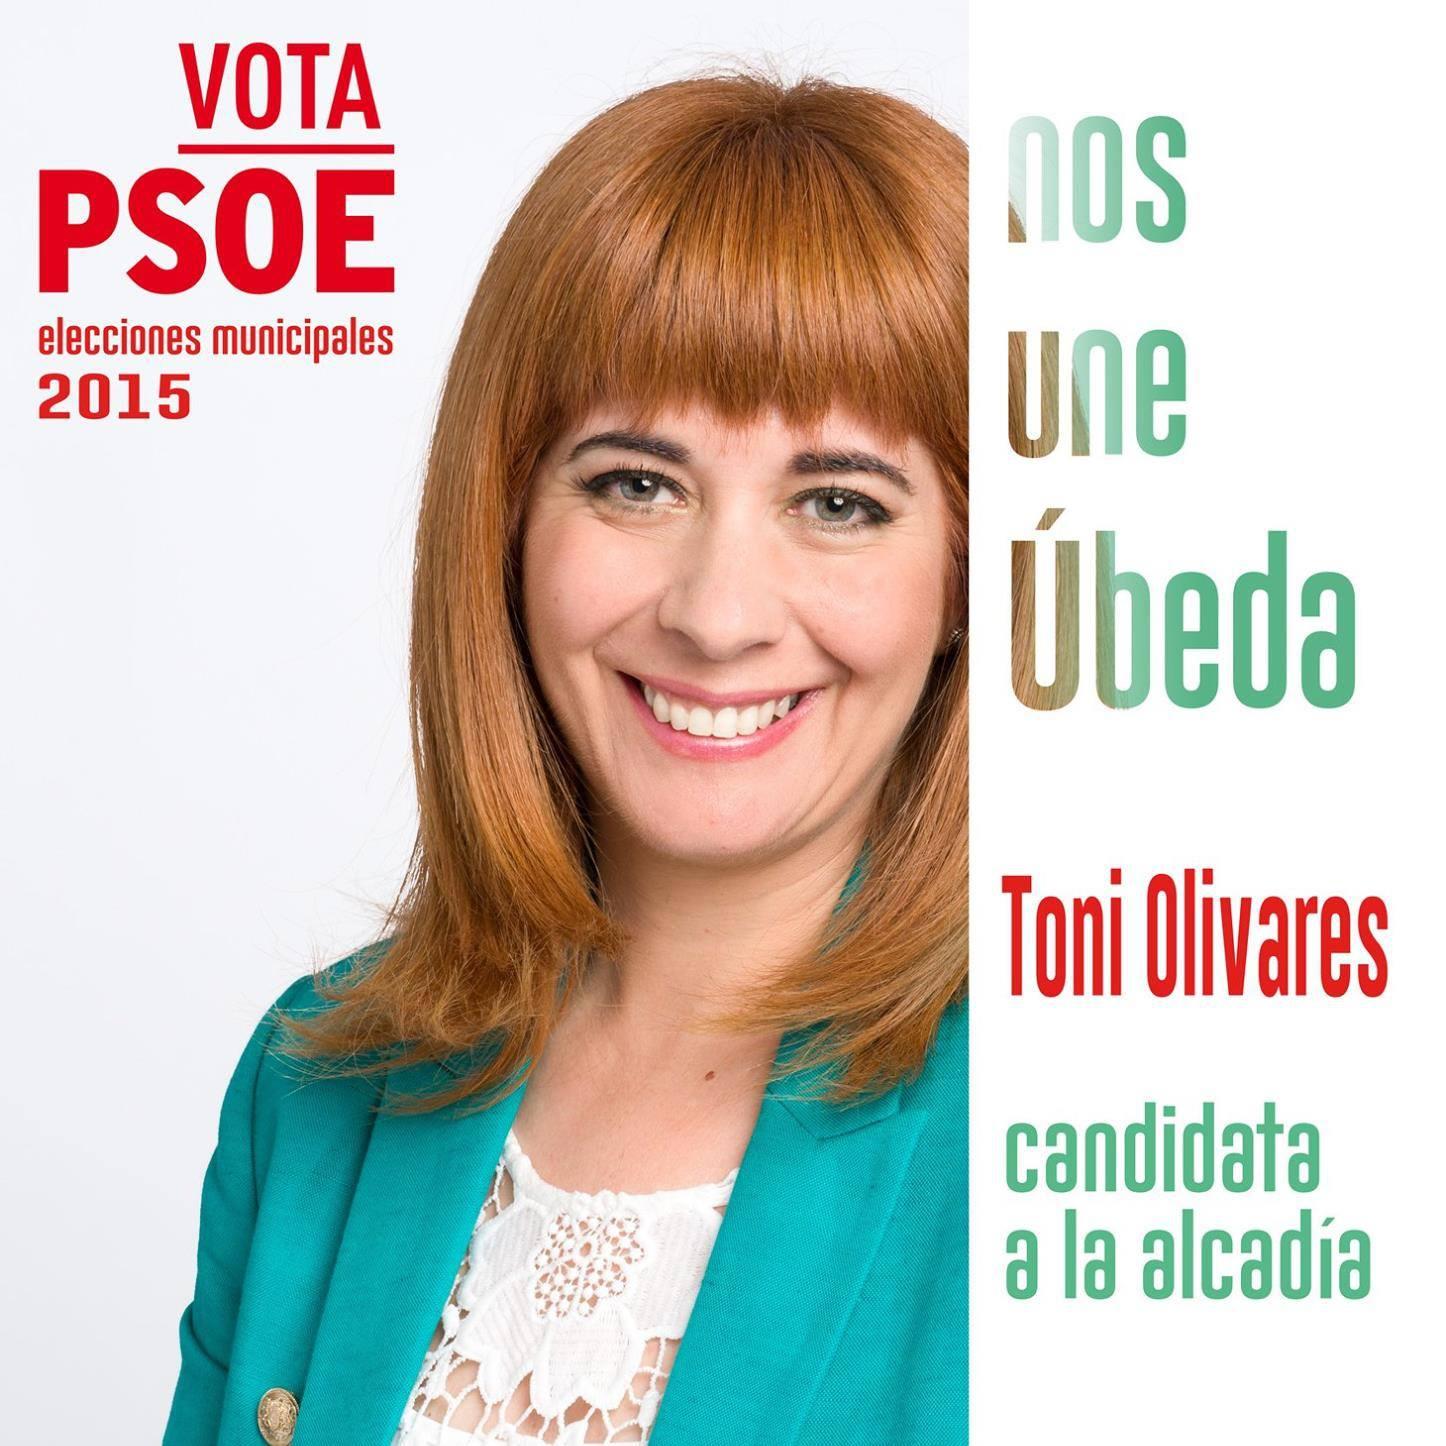 Programa elecciones municipales para las pedanías de Úbeda